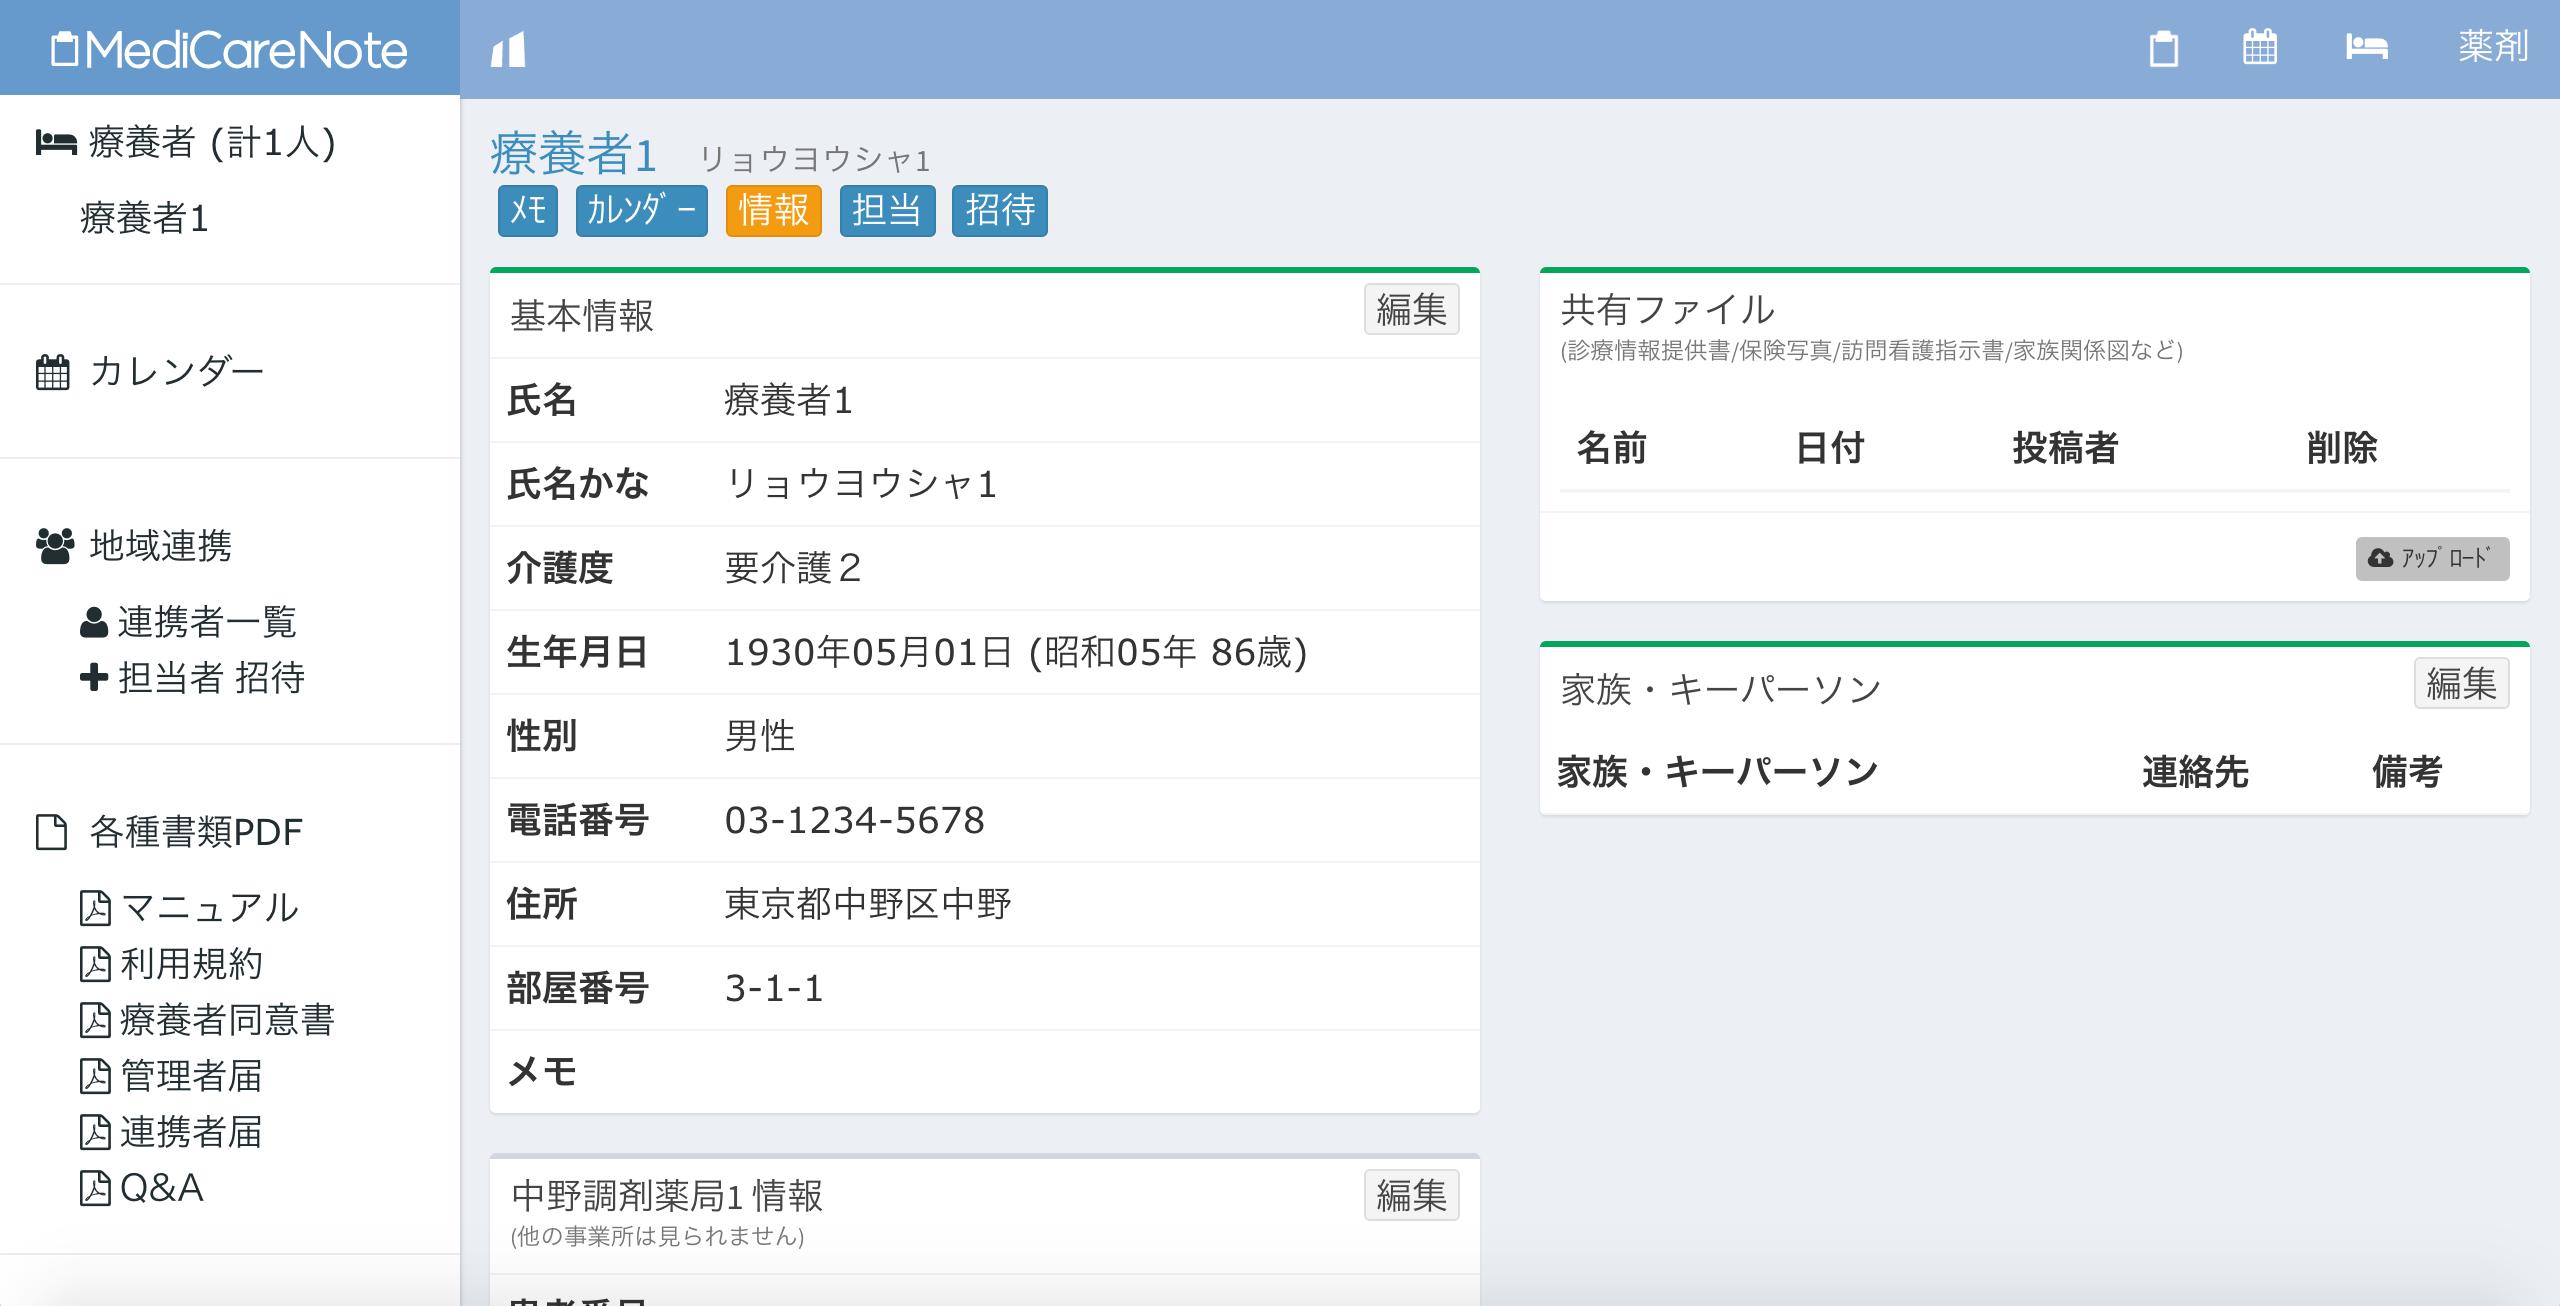 basic_info